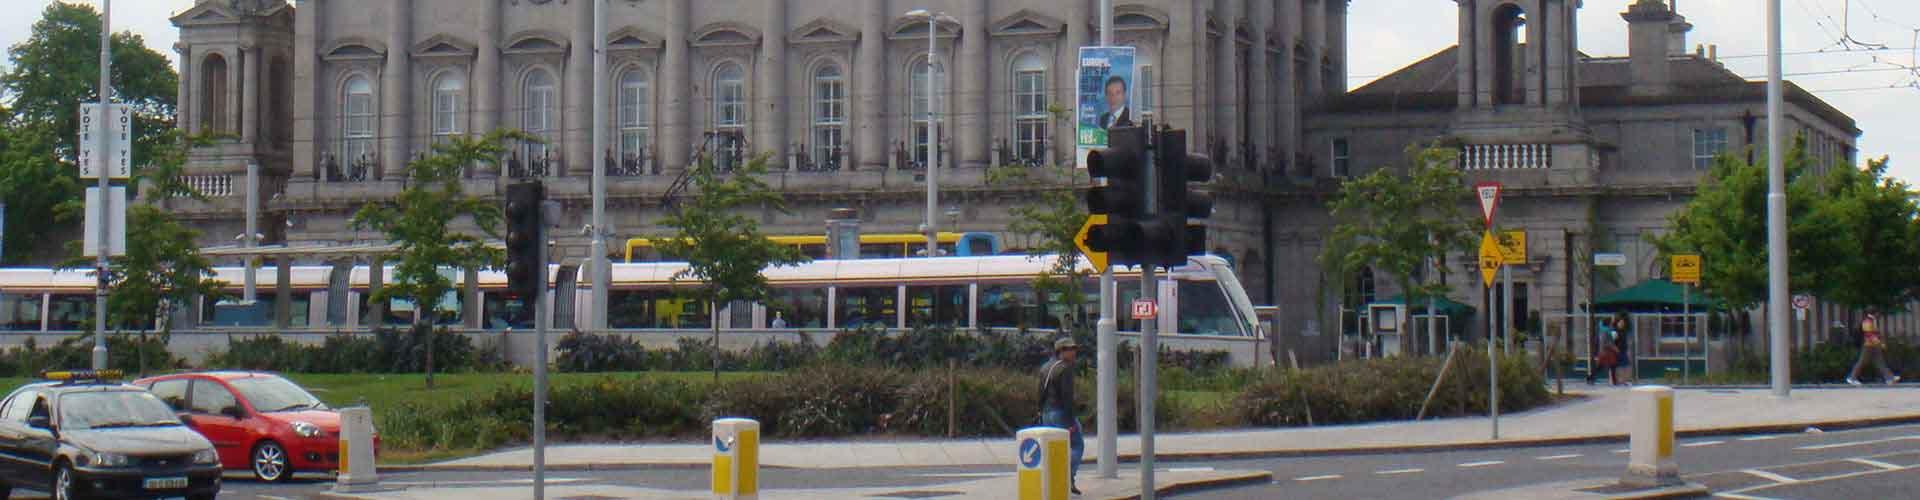 Dublin - Appartements près de Gare de Dublin Heuston. Cartes pour Dublin, photos et commentaires pour chaque appartement à Dublin.